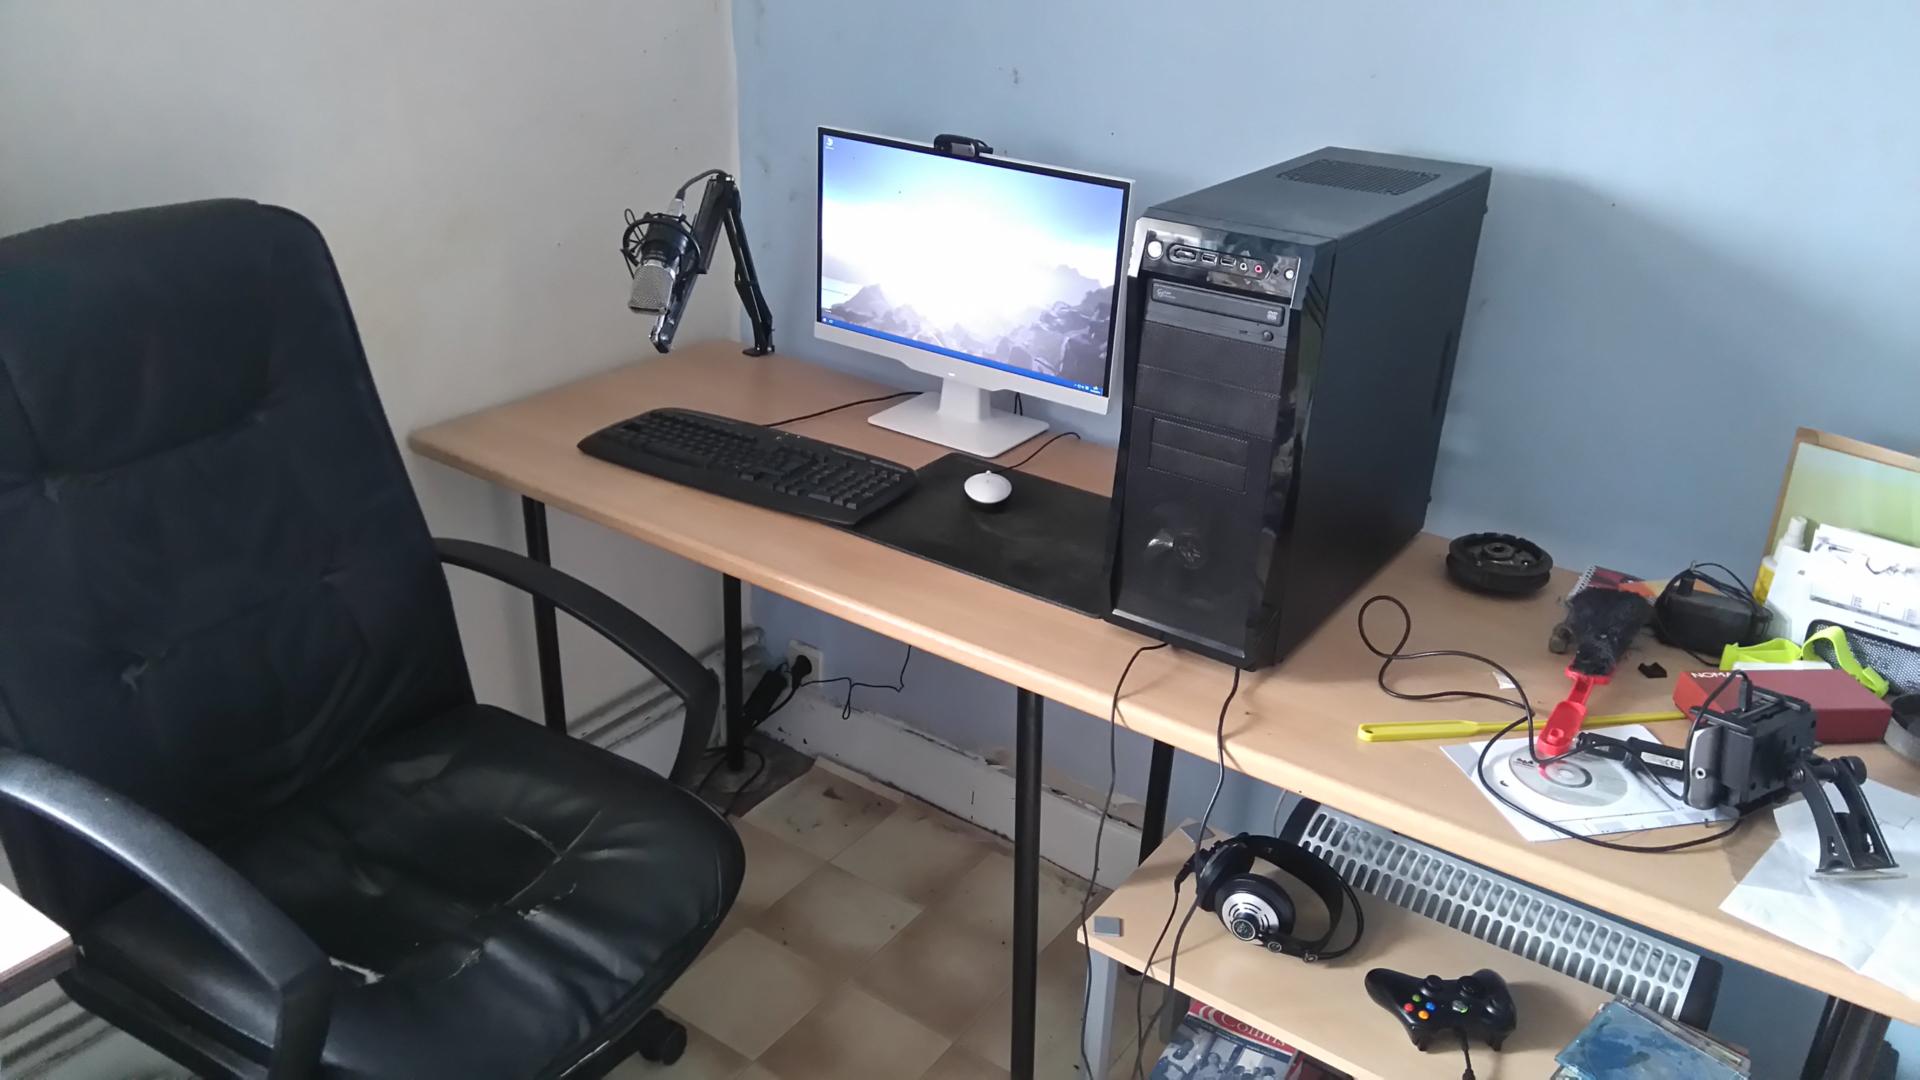 photo de votre bureau sur le forum mat riel informatique 15 01 2008 20 58 00 page 140. Black Bedroom Furniture Sets. Home Design Ideas